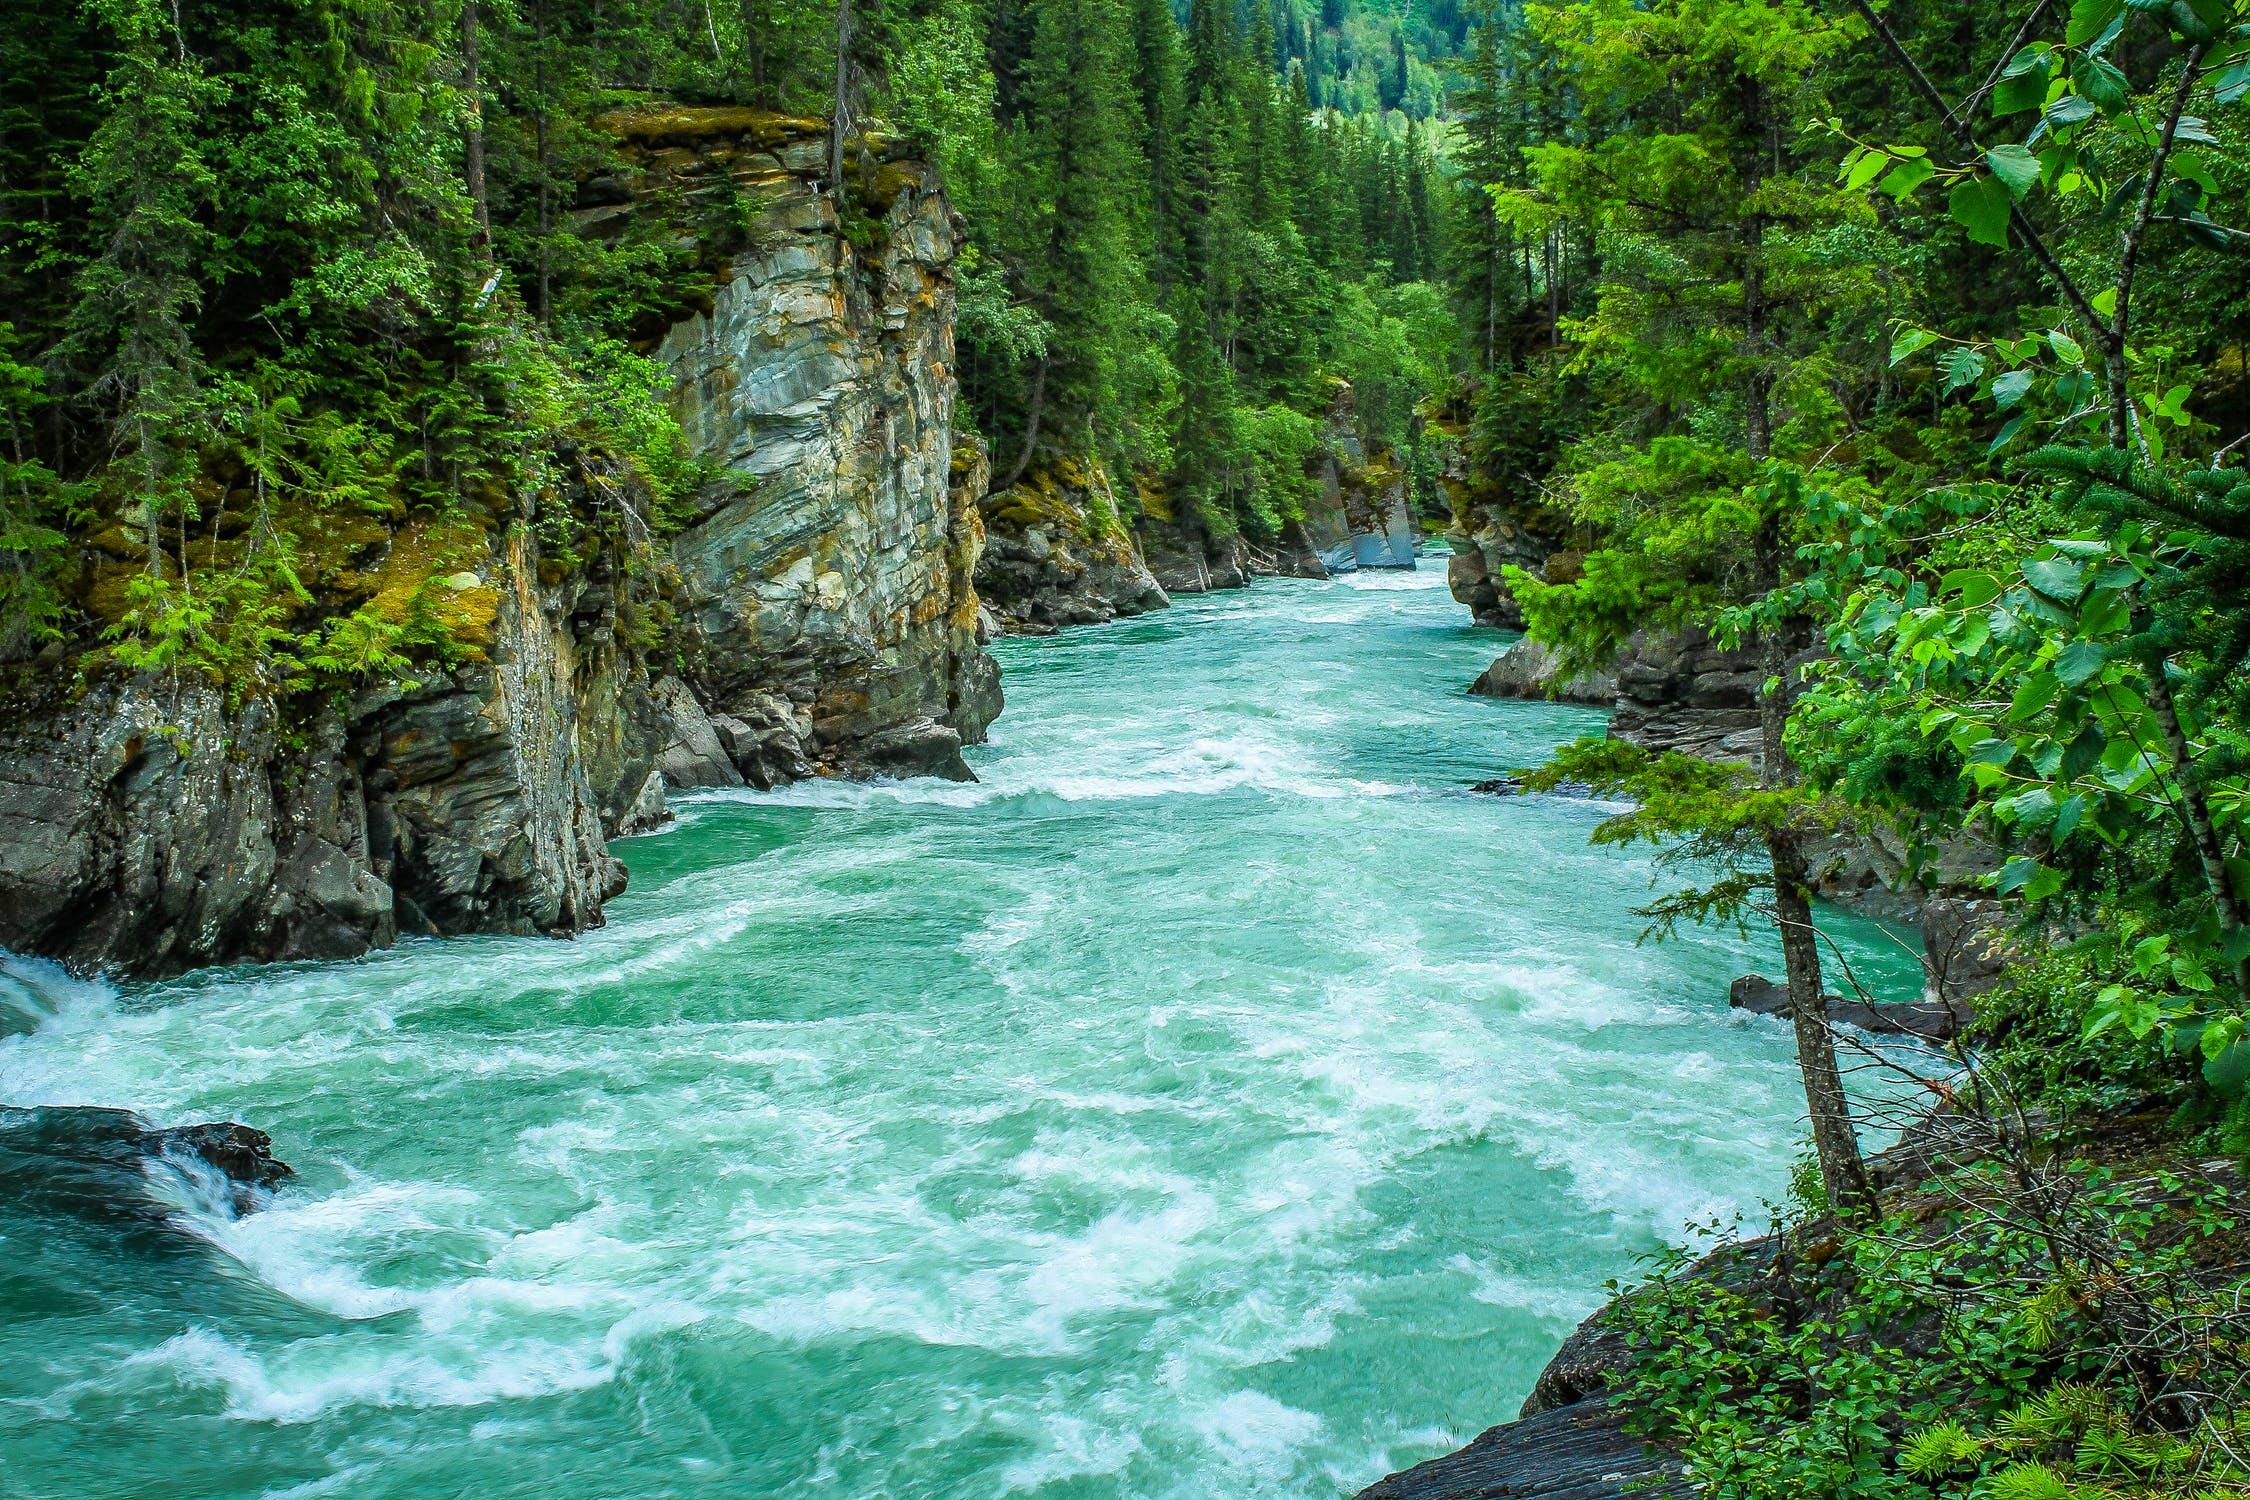 Hình nền pc đẹp 4k phong cảnh thiên nhiên